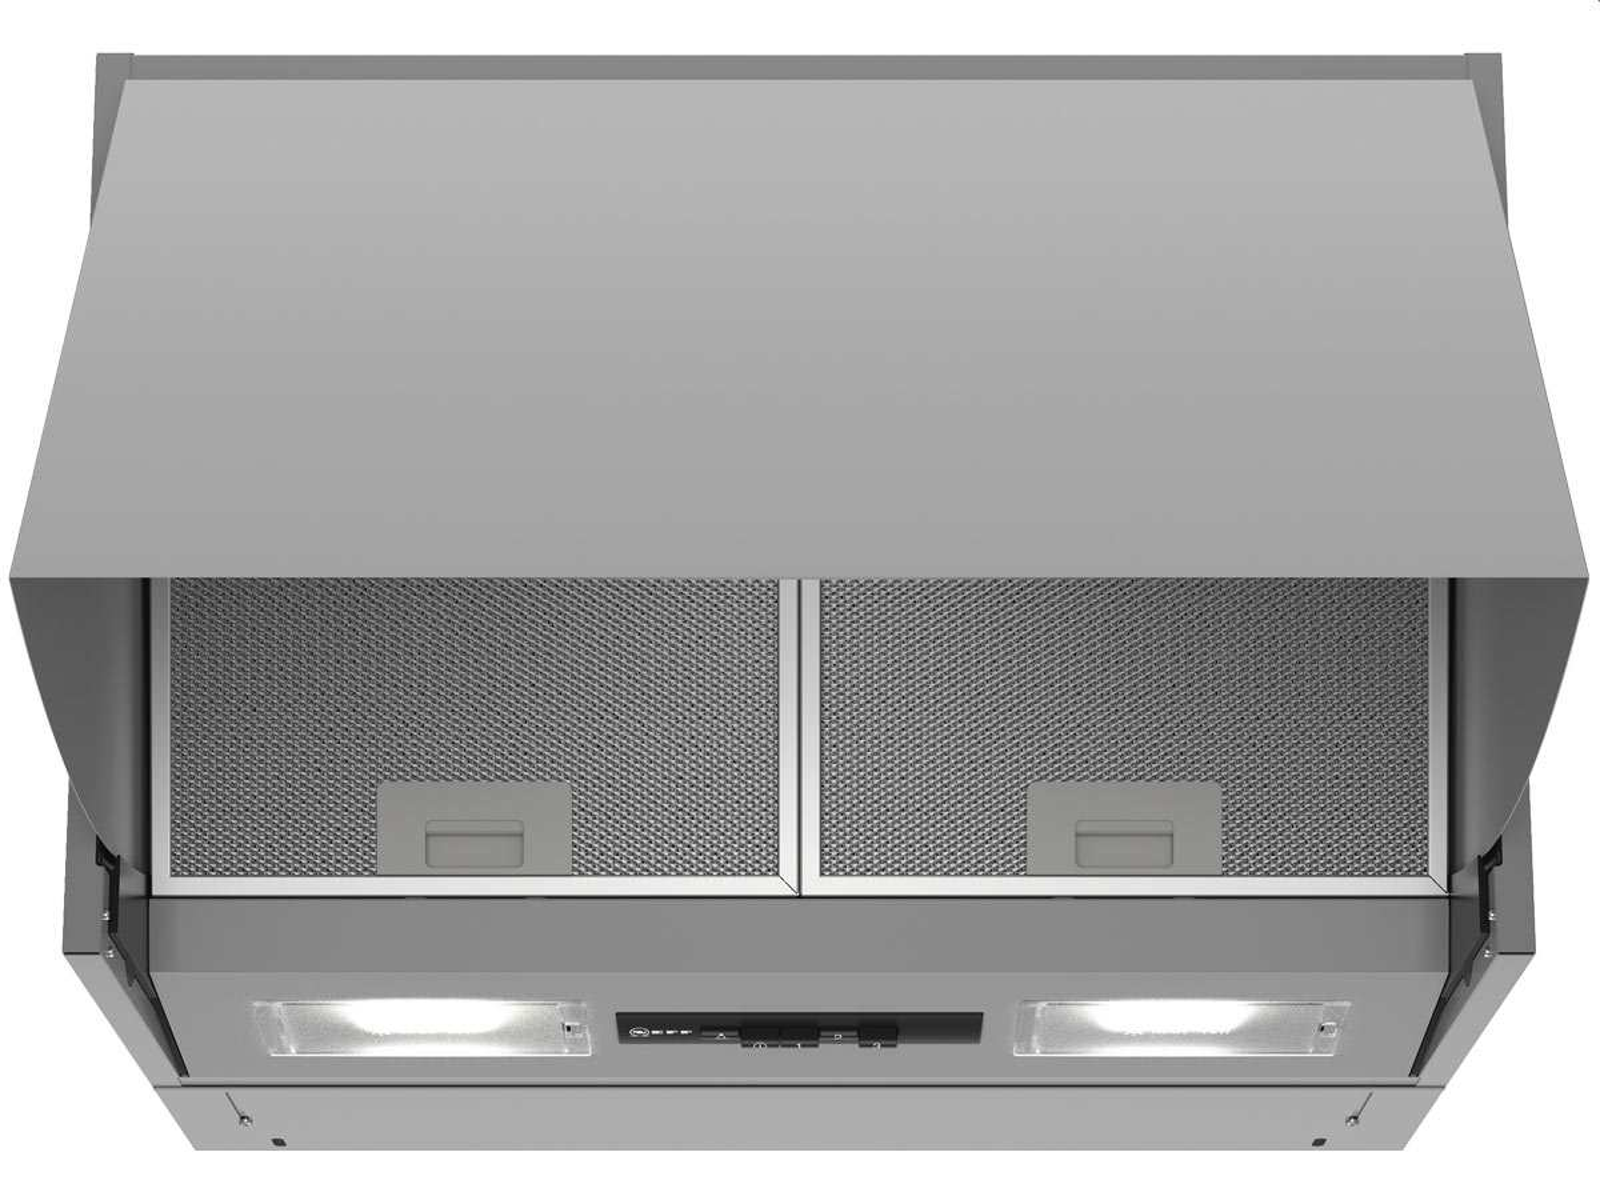 neff dmac611x zwischenbauhaube. Black Bedroom Furniture Sets. Home Design Ideas